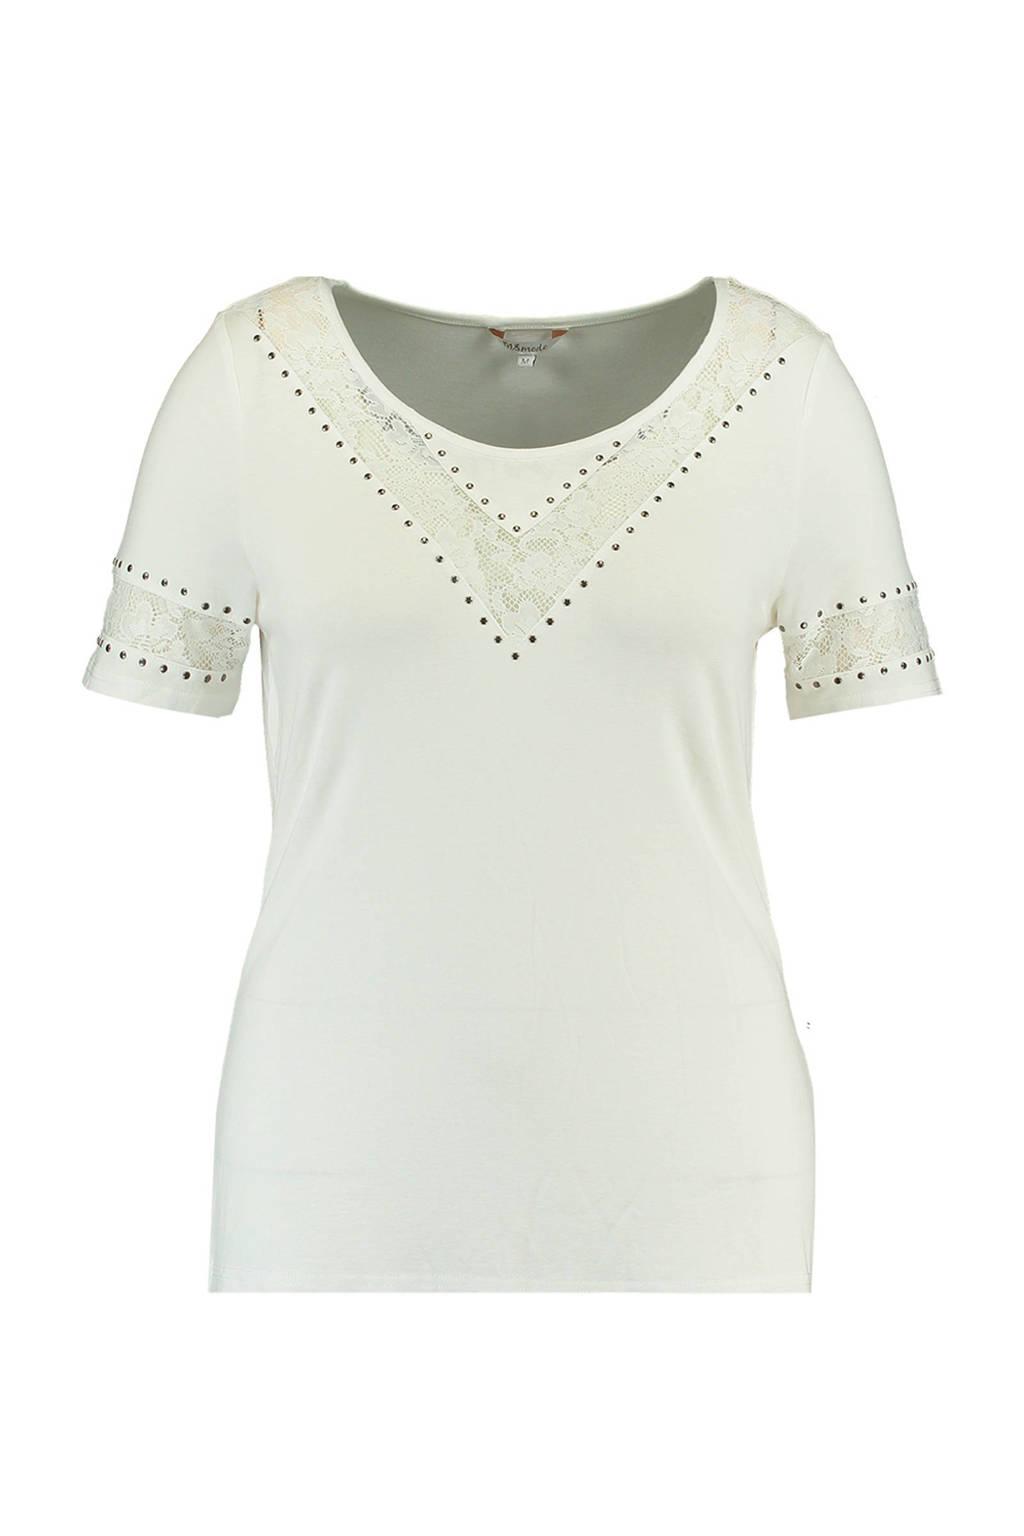 MS Mode top met kant, Gebroken wit